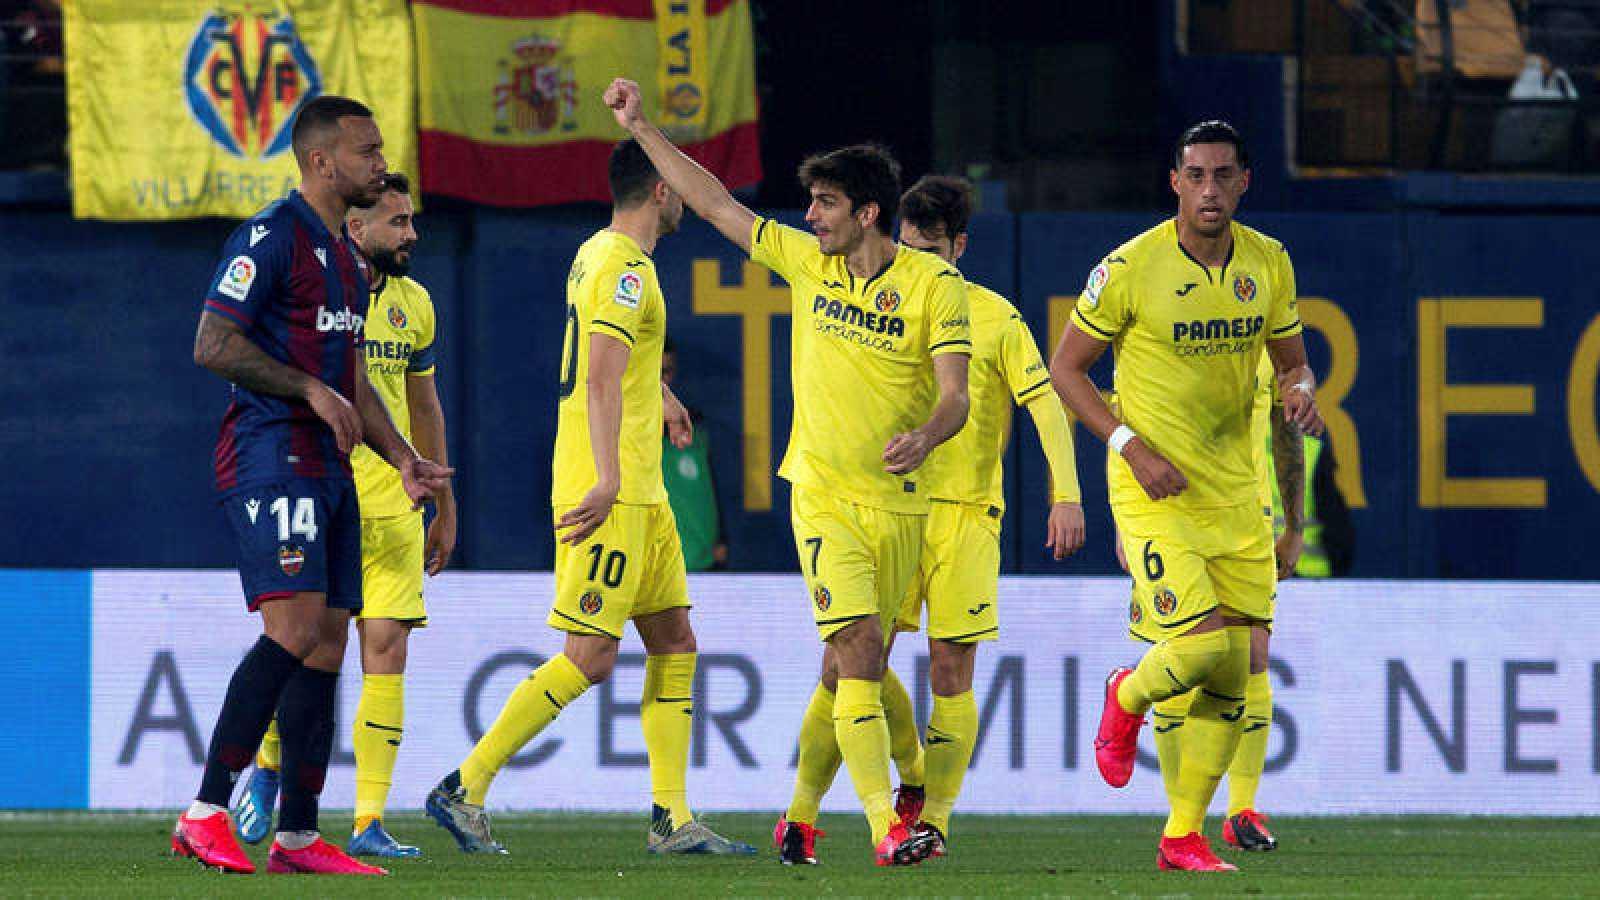 El delantero del Villarreal Gerard Moreno (c) celebra el primer gol ante el Levante